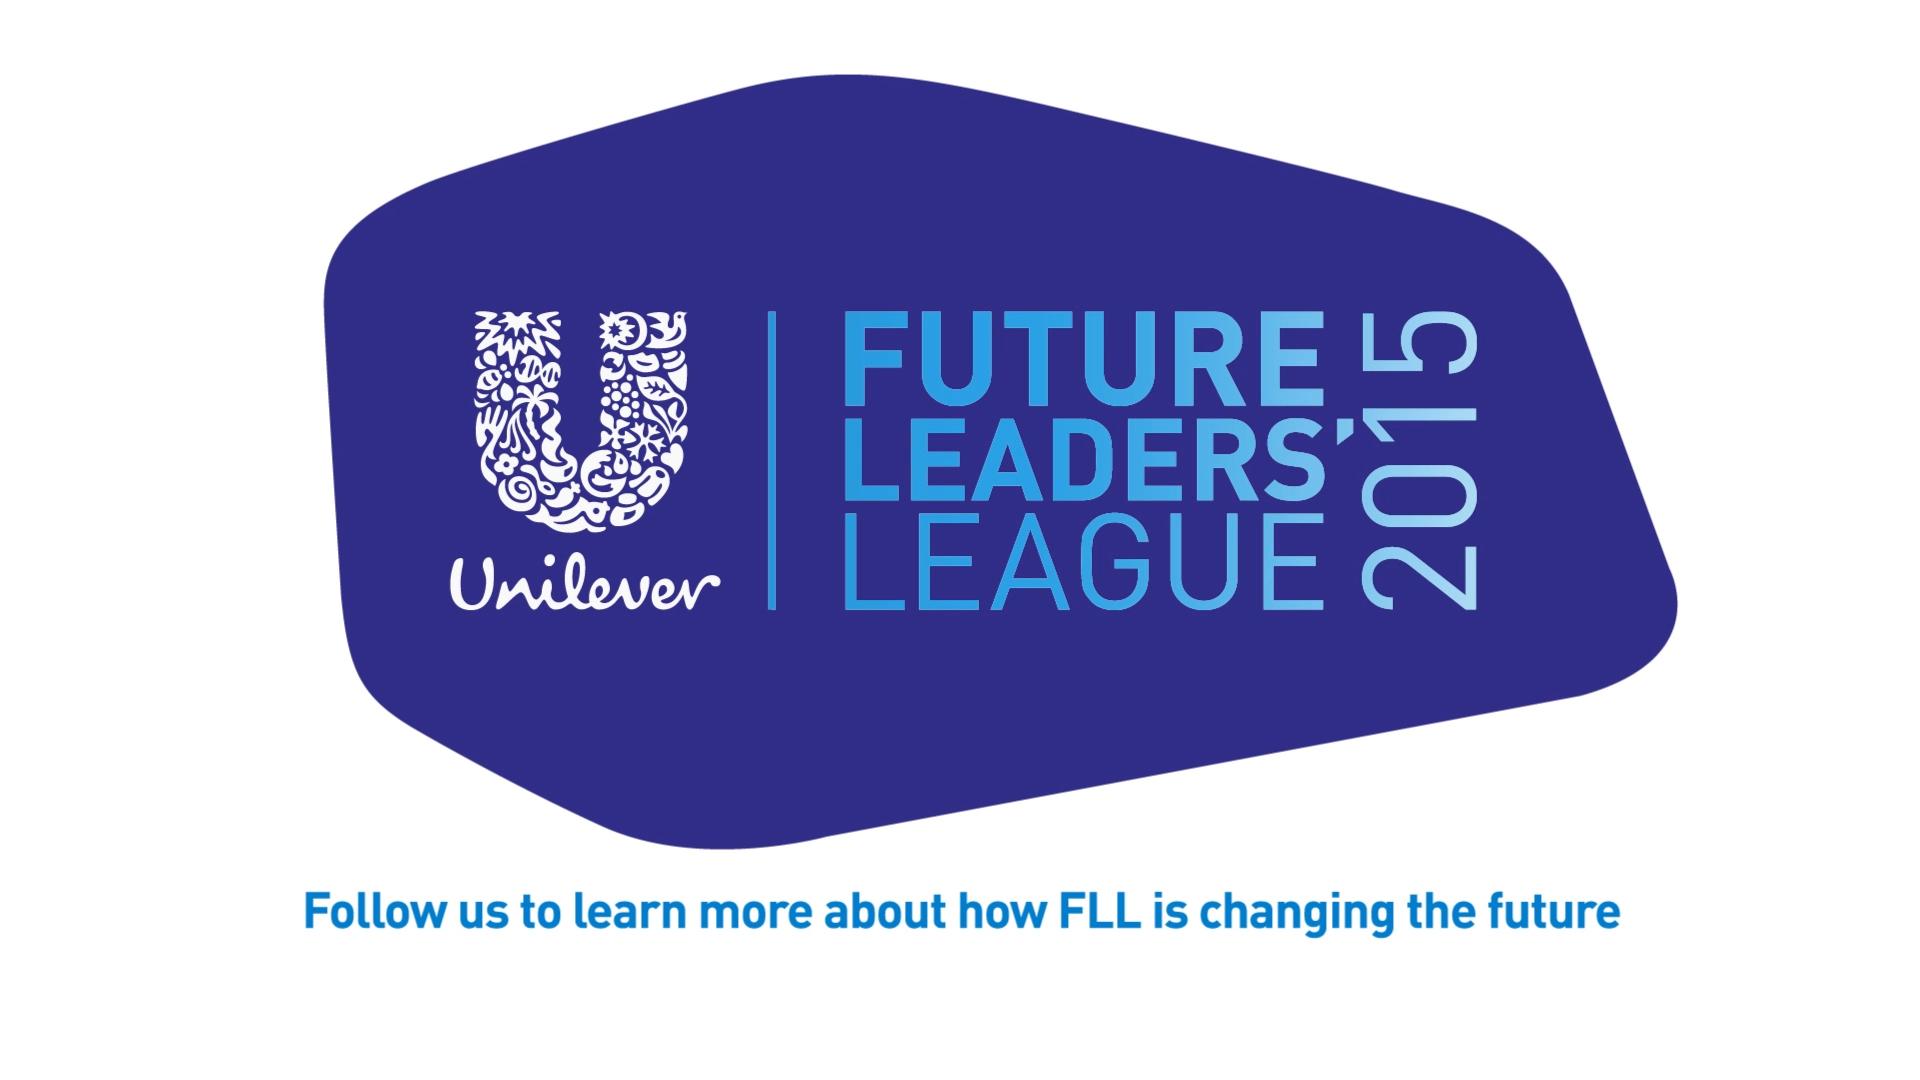 Unilever_FLL_17dec_facebook (0-01-12-00)